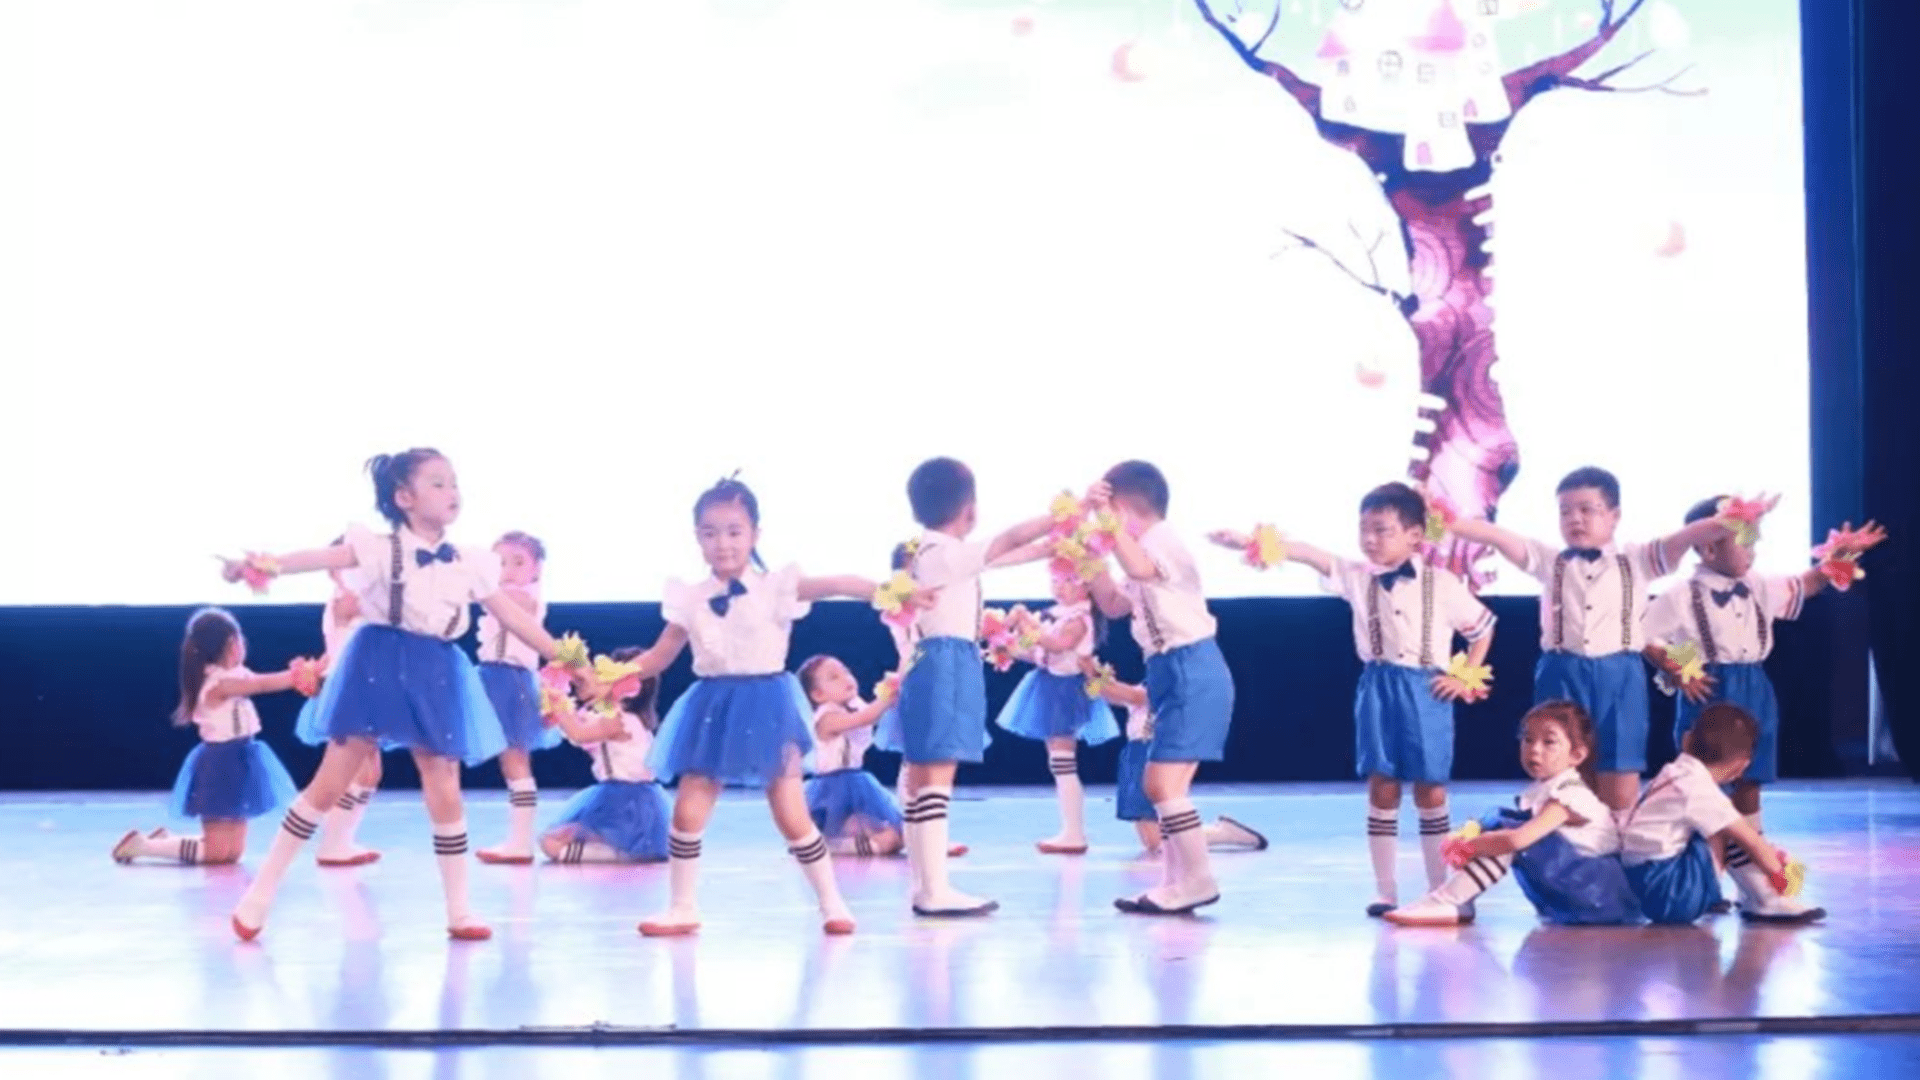 原创             拉丁舞导致半月板损伤?上海9岁孩子撕裂,因跳拉丁舞